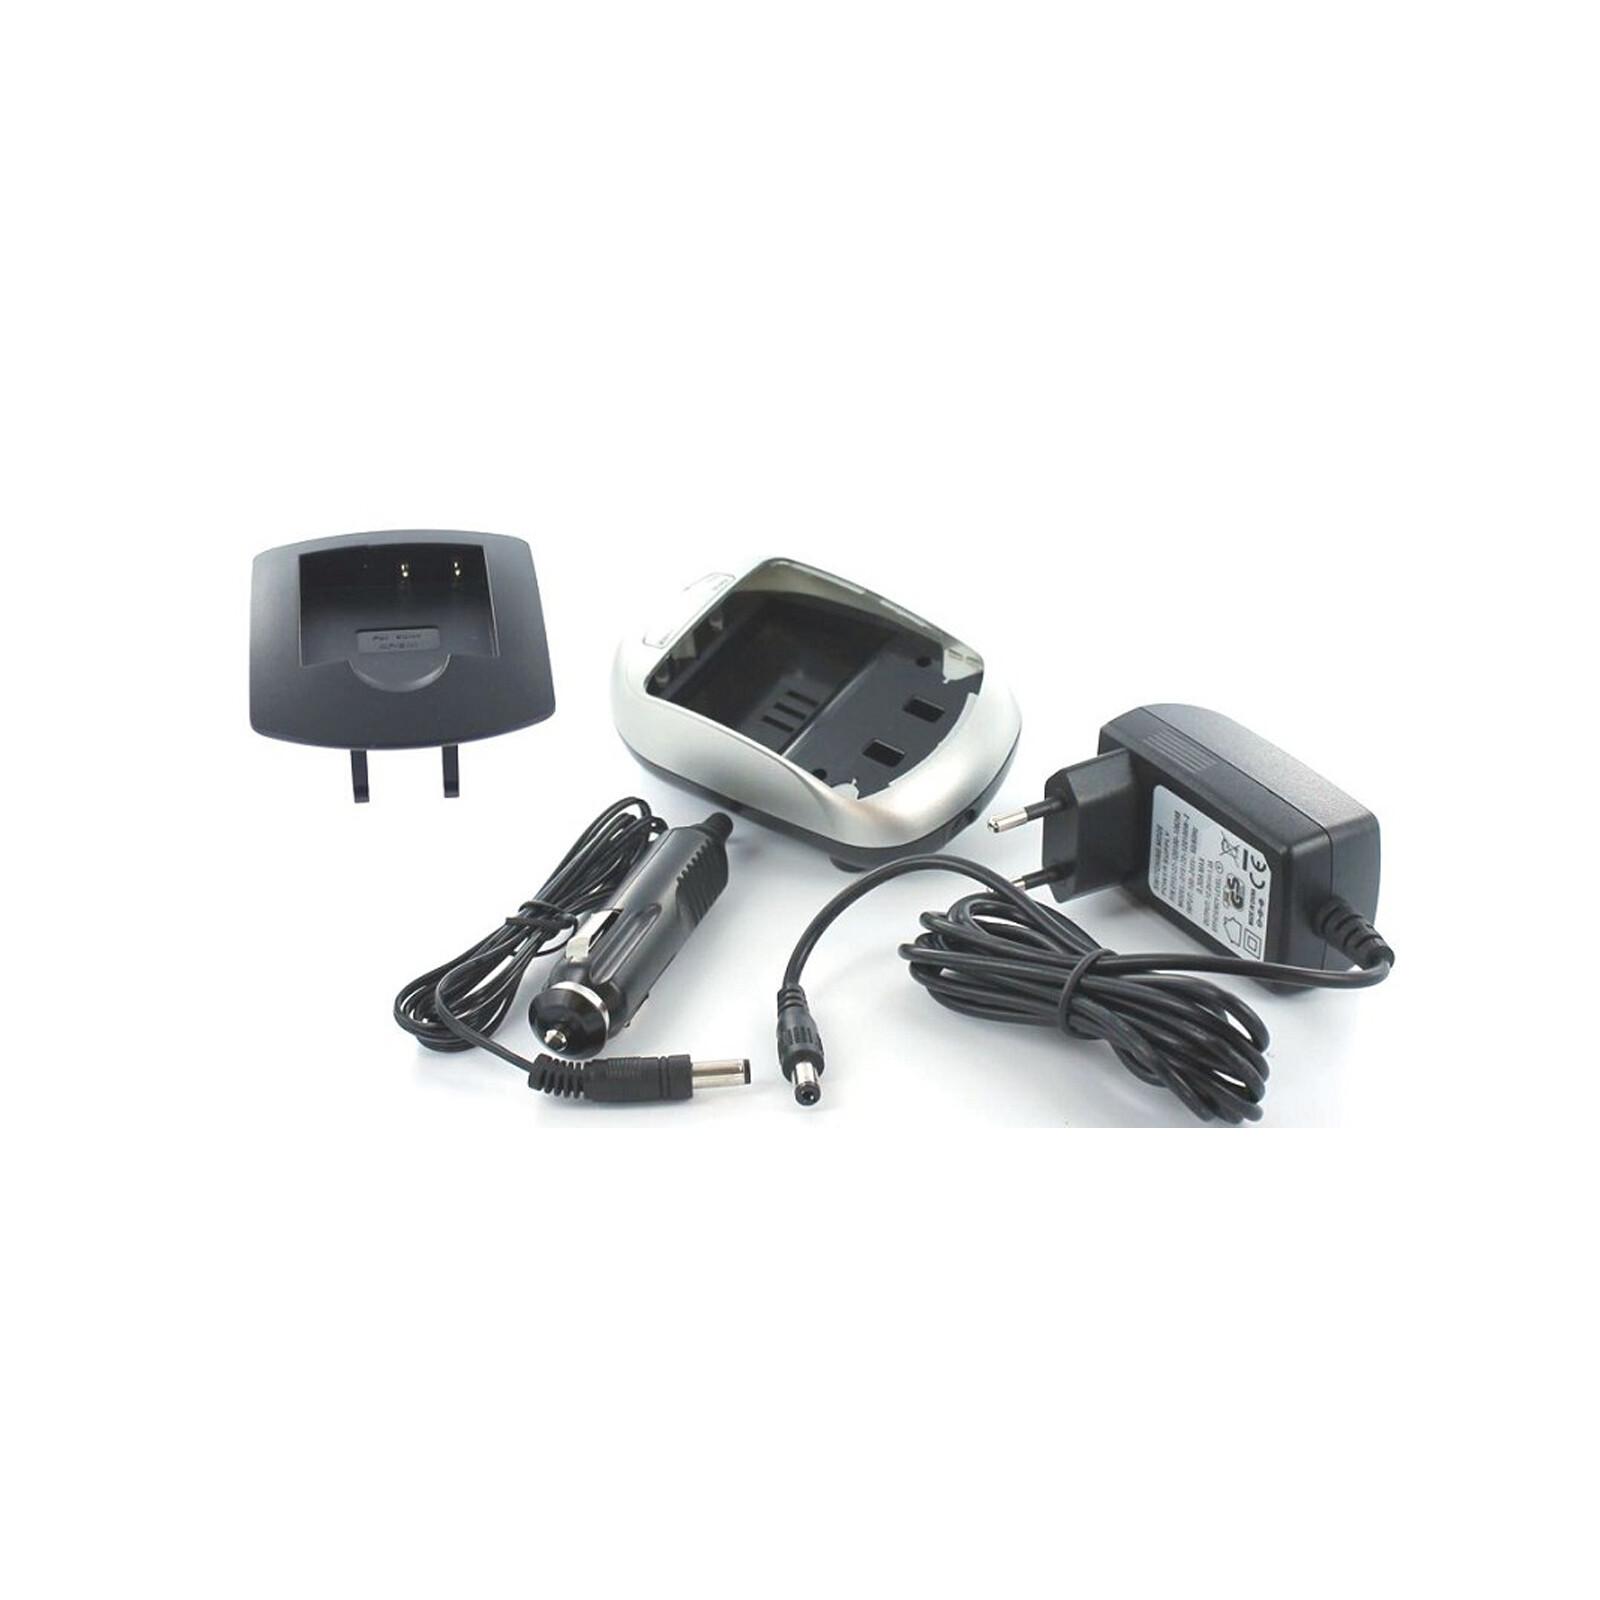 AGI 99102 Ladegerät Sony DSC-W380